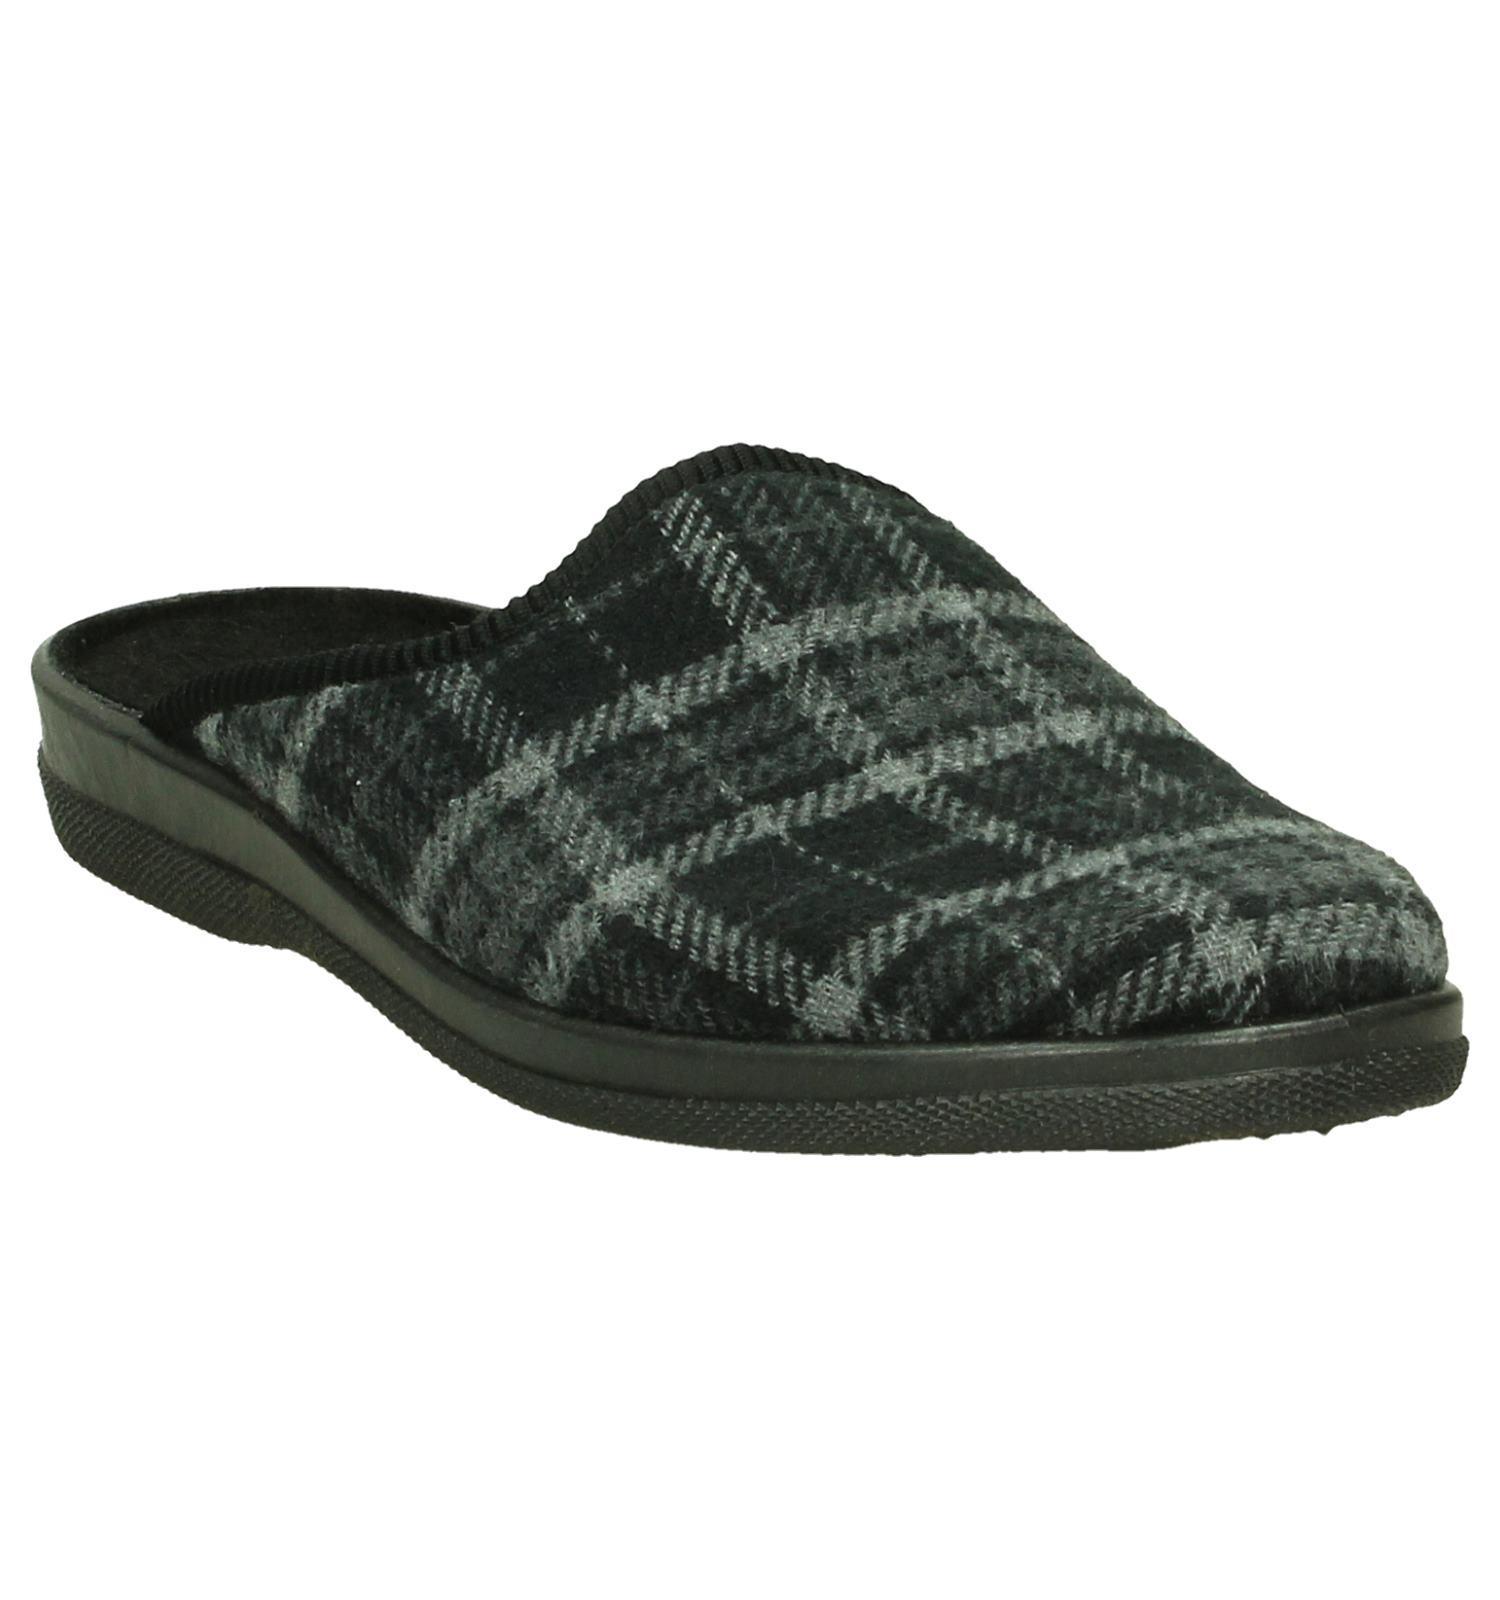 Comfort Pantoffels Grijze Comfort Open Grijze Open Pantoffels Slippers Slippers bfmI6yv7gY